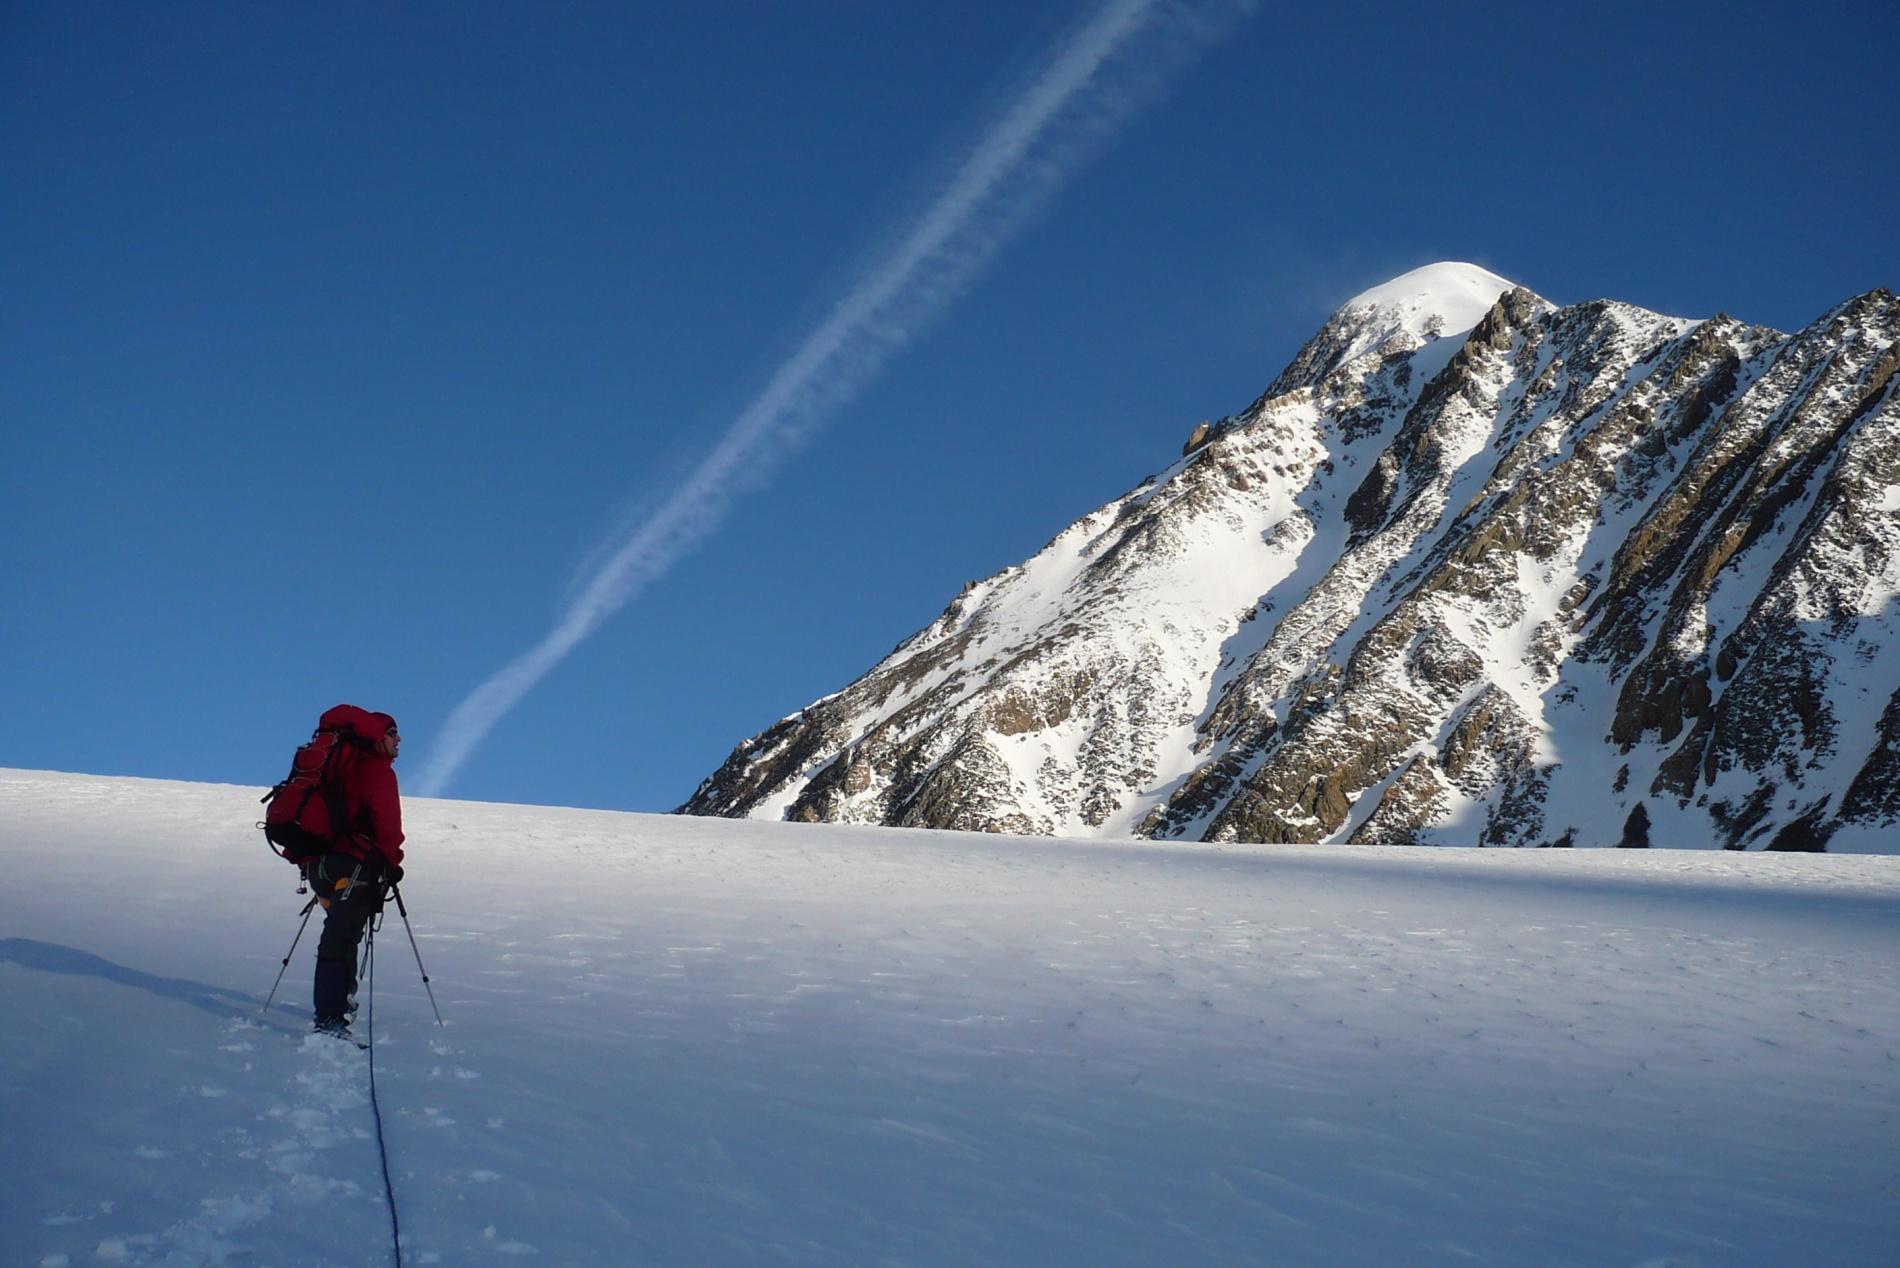 Подходим к началу маршрута 2А с ледника Большой Актру-левый